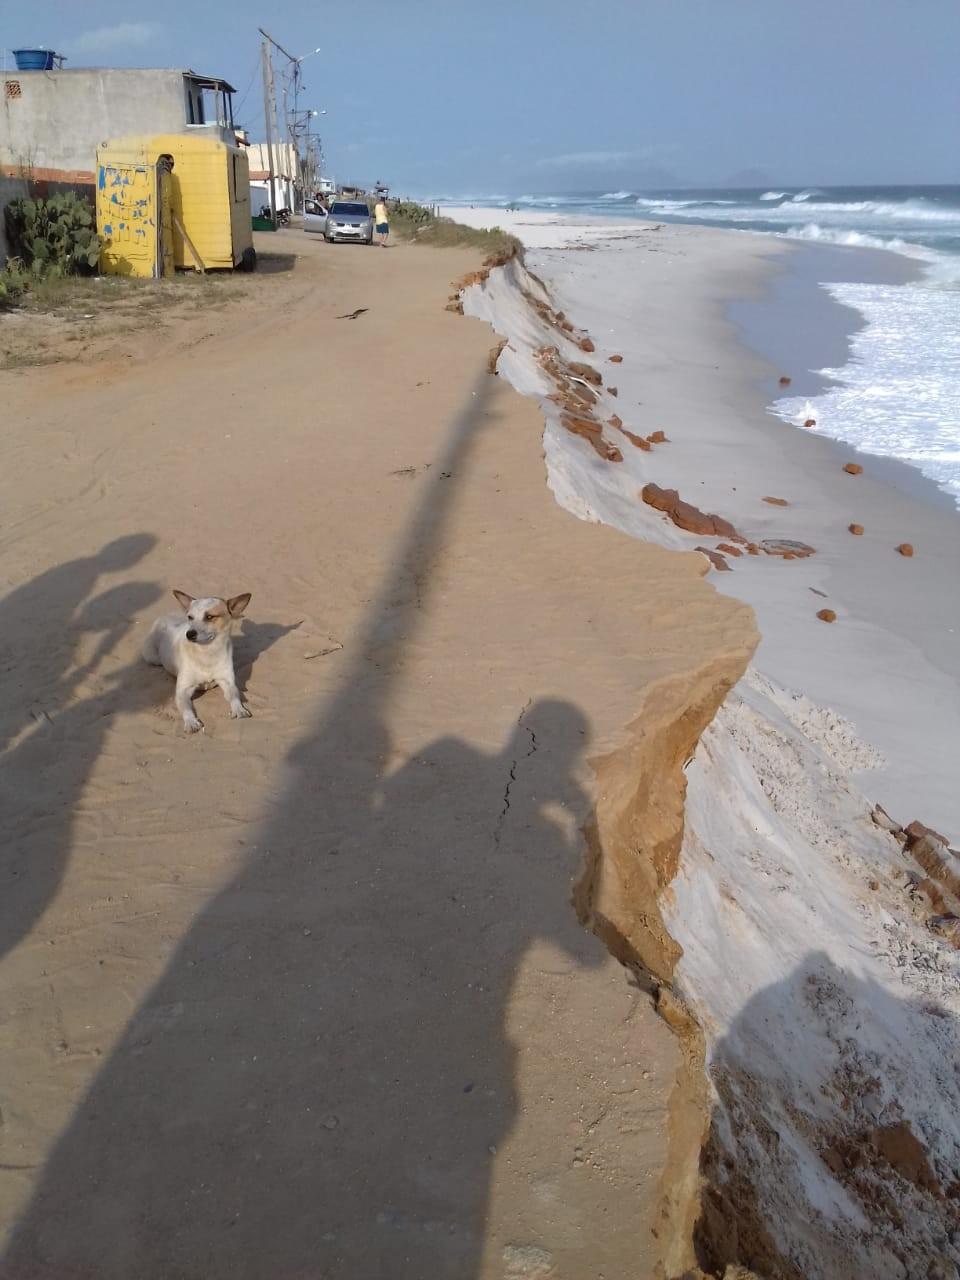 Mar com ressaca avança em Arraial do Cabo, RJ, e 13 casas são interditadas no distrito de Figueira